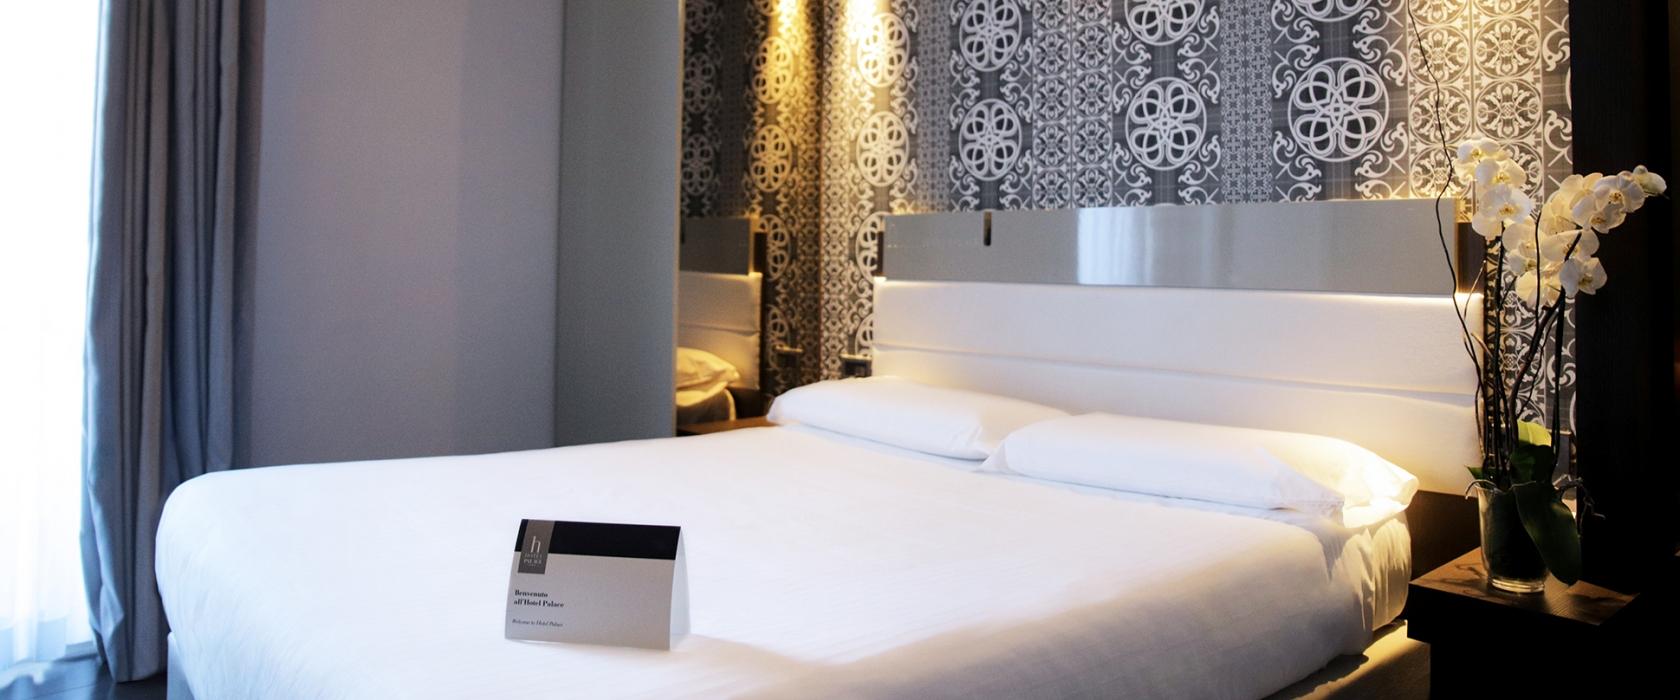 Hotel Palace 3-Star in Battipaglia